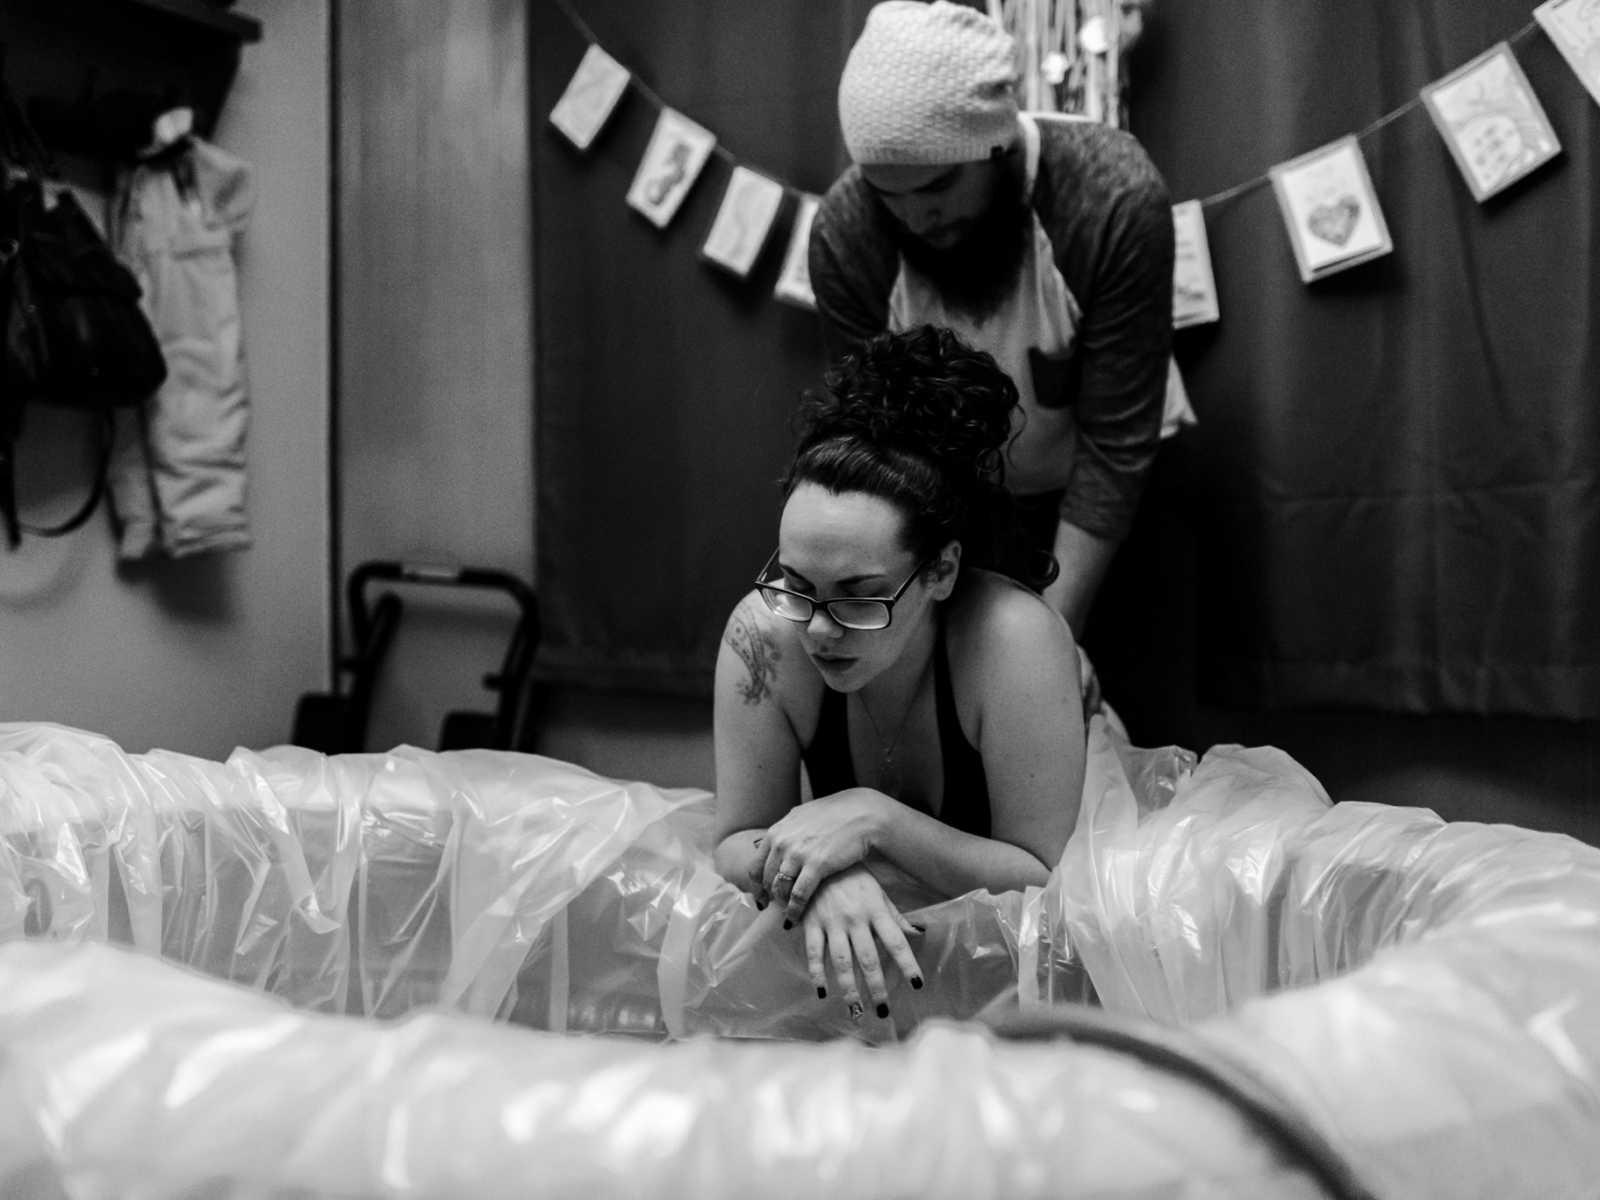 'Estamos todos chocados': mulher tem parto na banheira e bebê nasce com mais de 5 kg 2